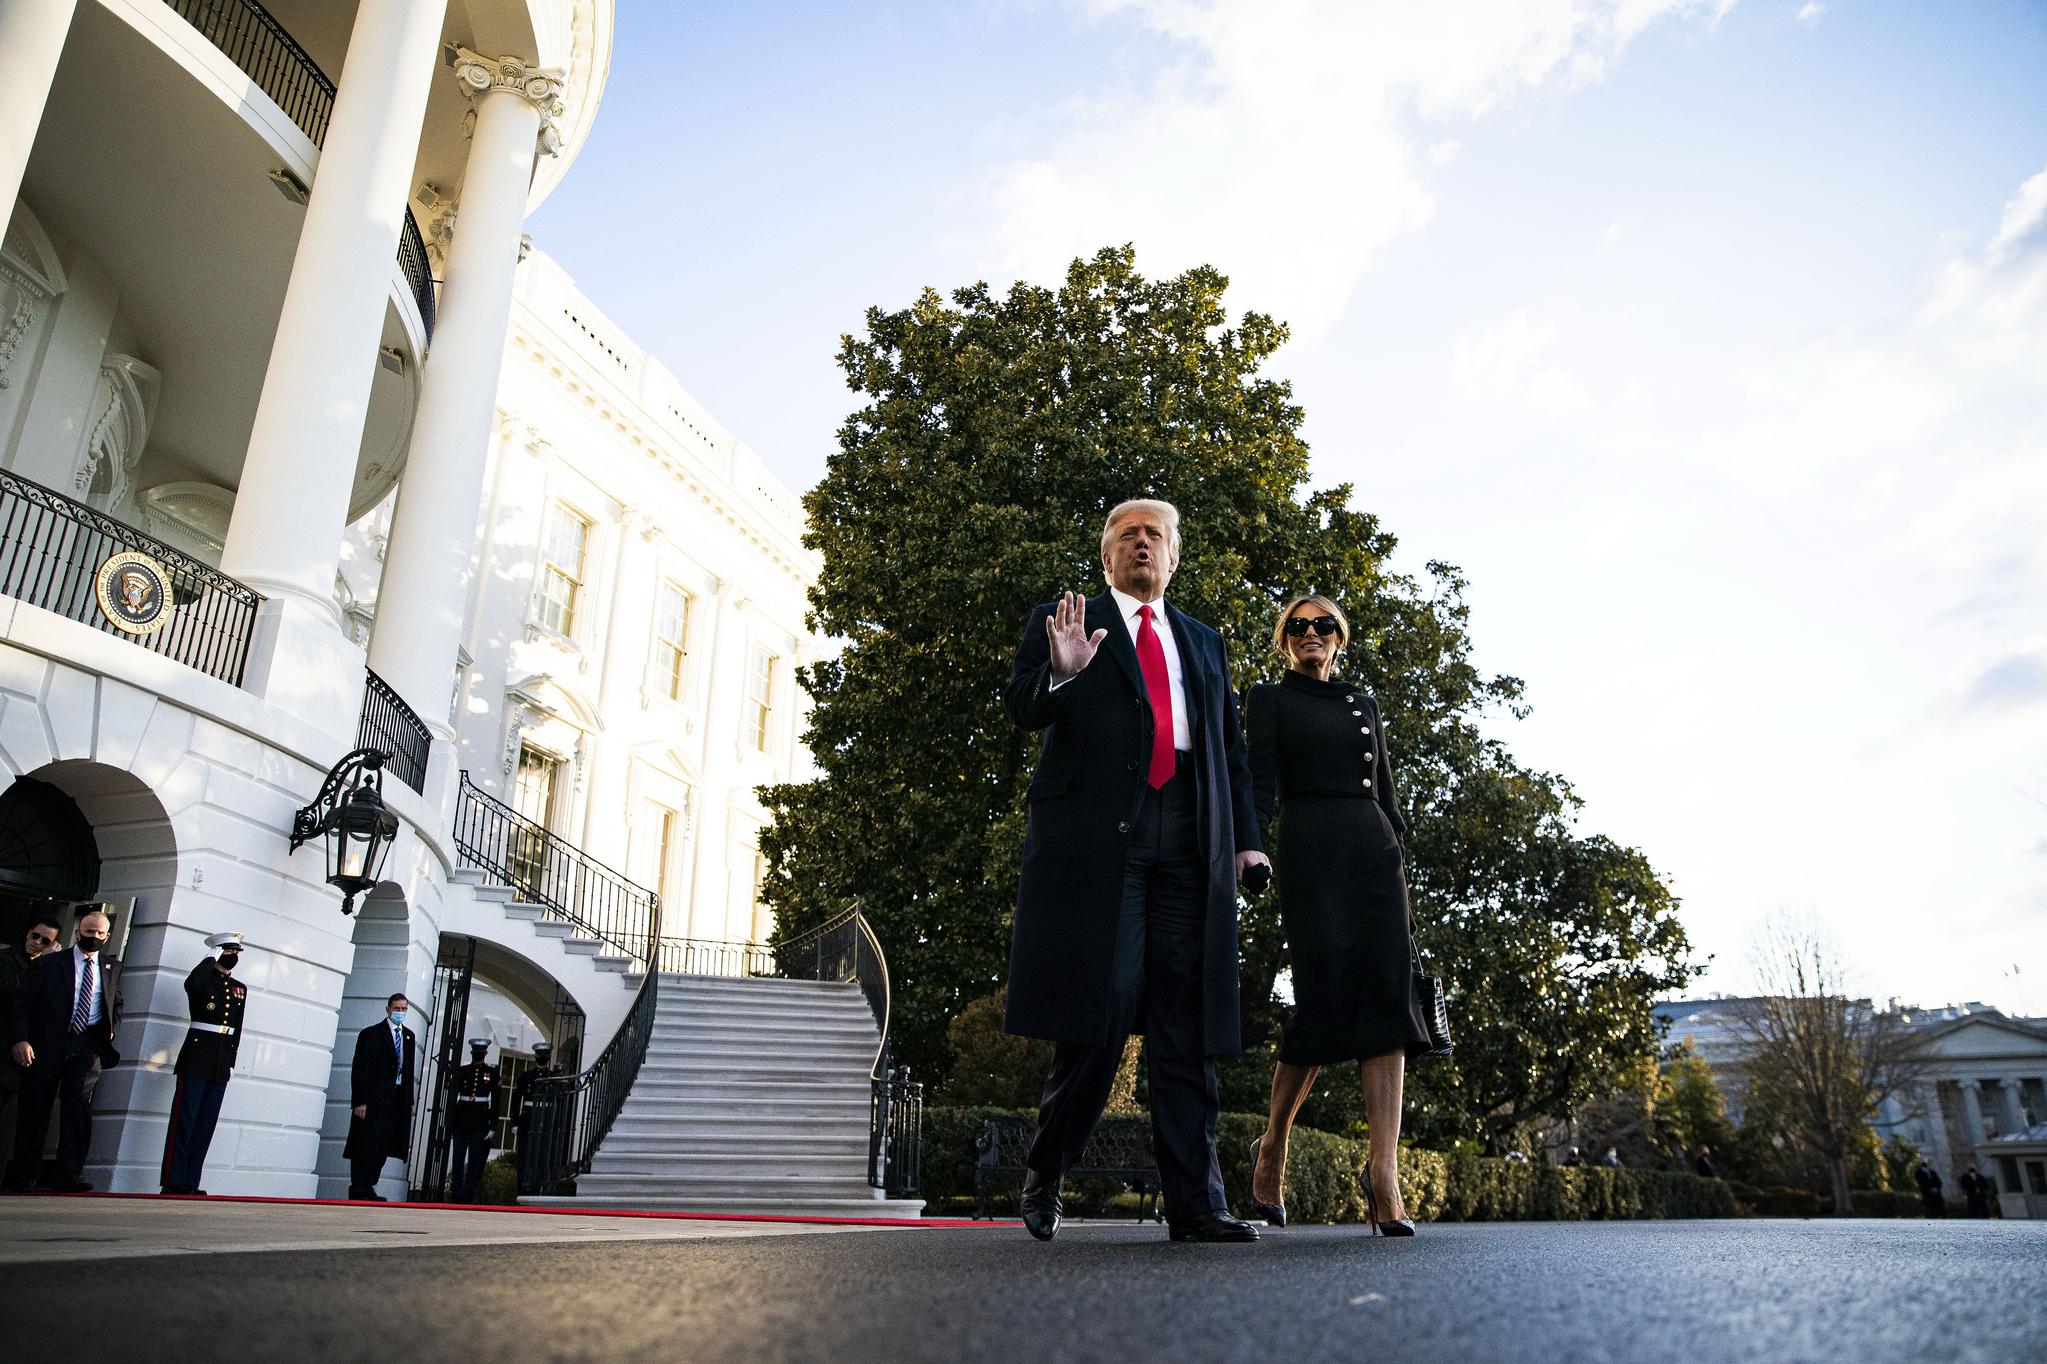 """트럼프는 임기가 끝나기 52 분 전에 개인 비행기를 타고 """"돌아올 게""""라고 말했다."""